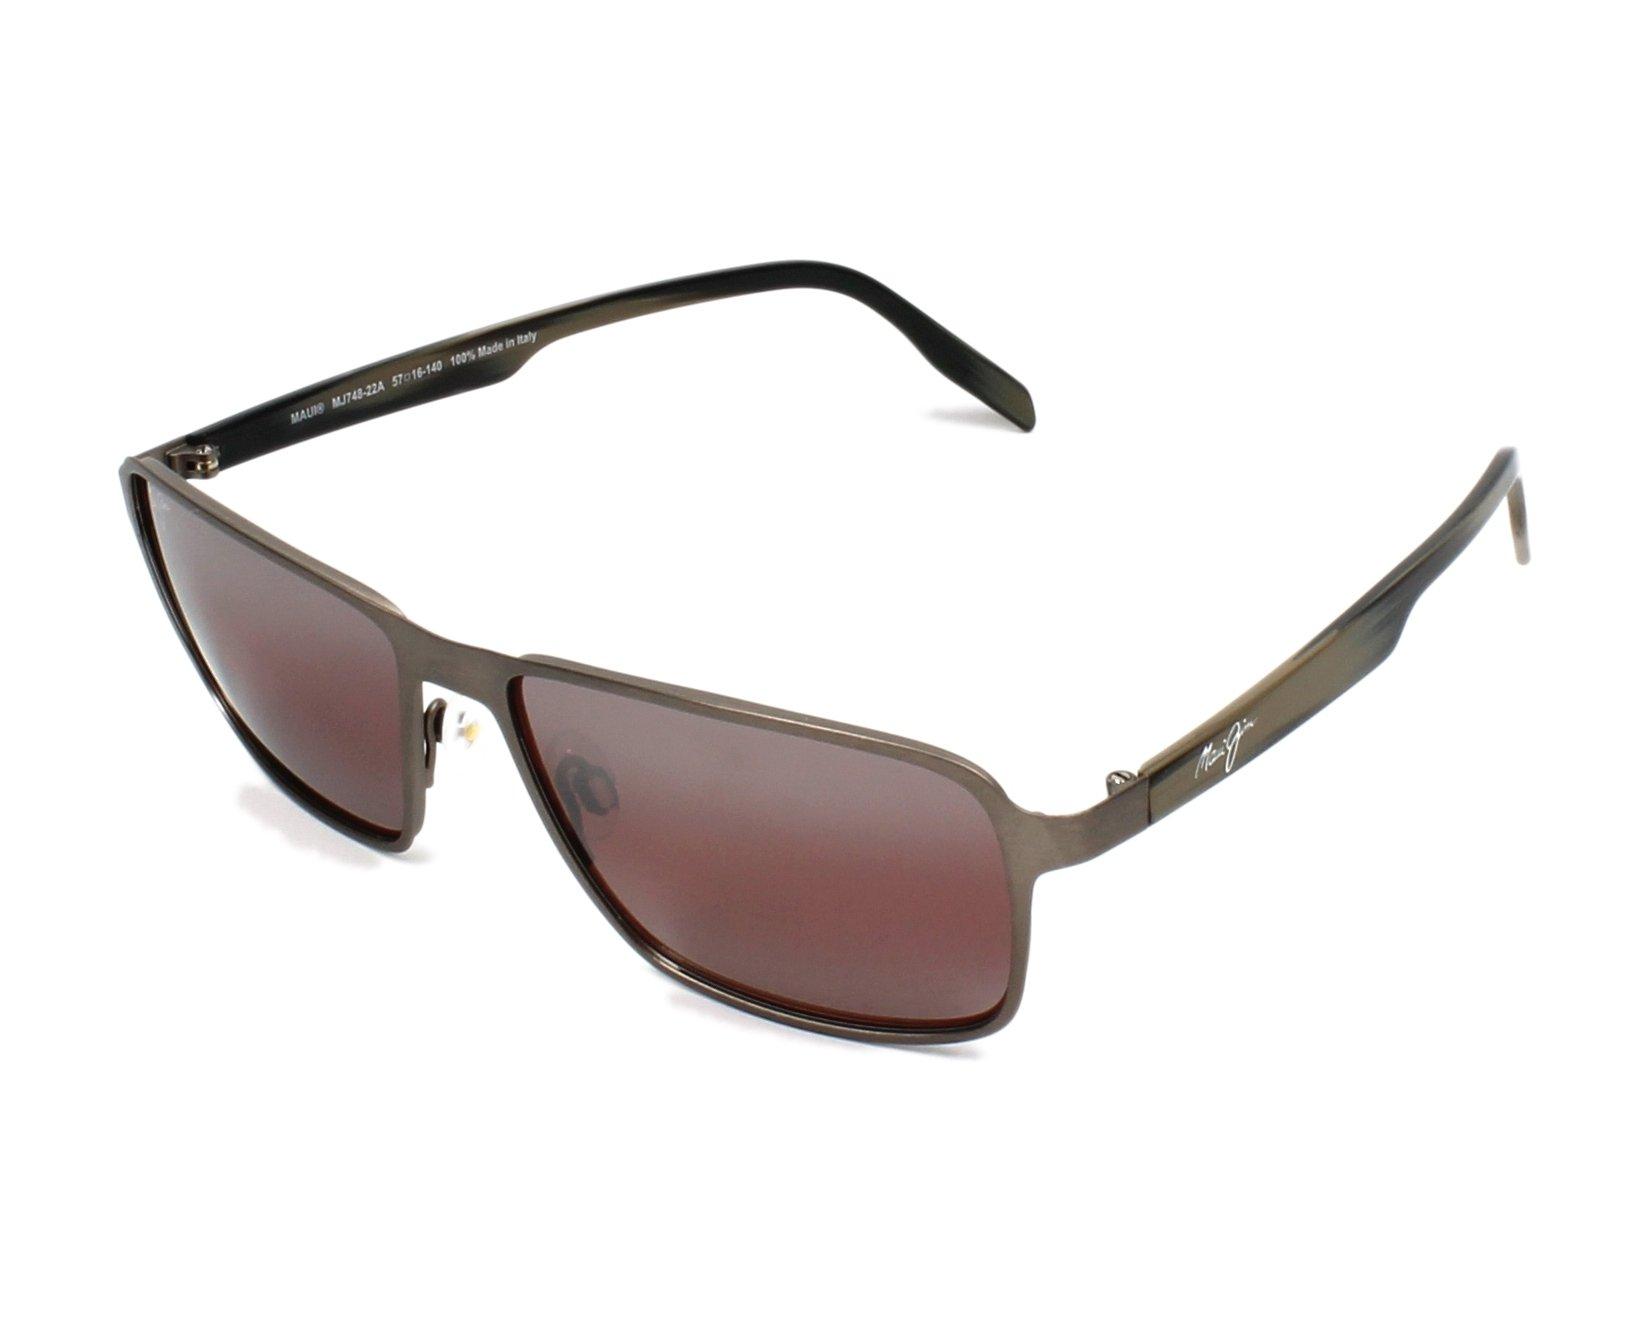 R Beach Jim Glass Maui HommesArgent soleil Lunettes de 748 22a Yb76fgy